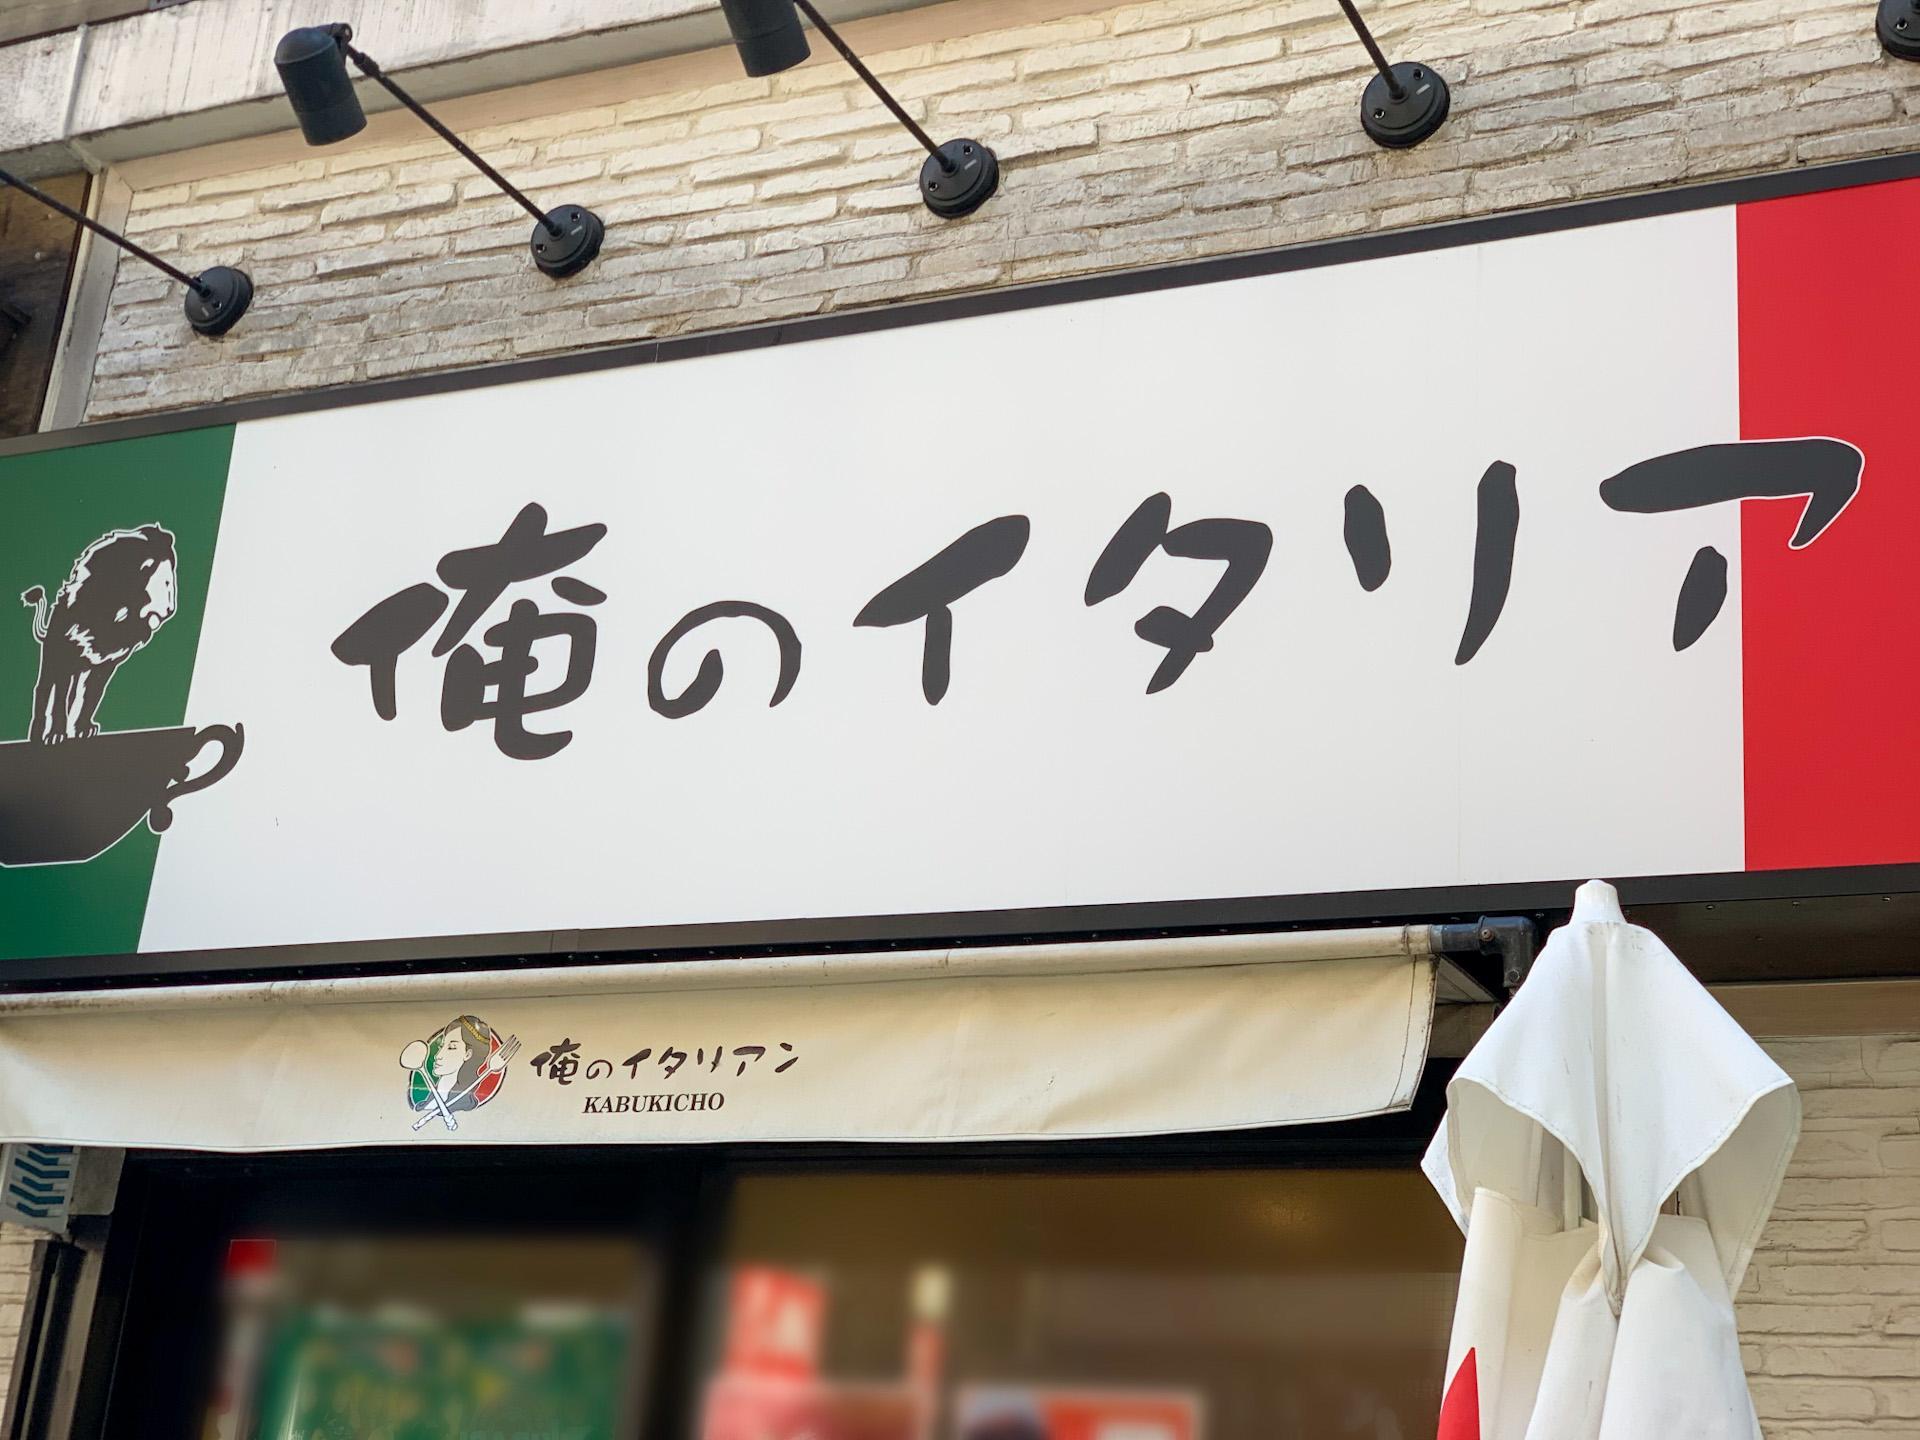 【俺のイタリアン】銀座の店舗を紹介!生演奏とともに至福の時間を!